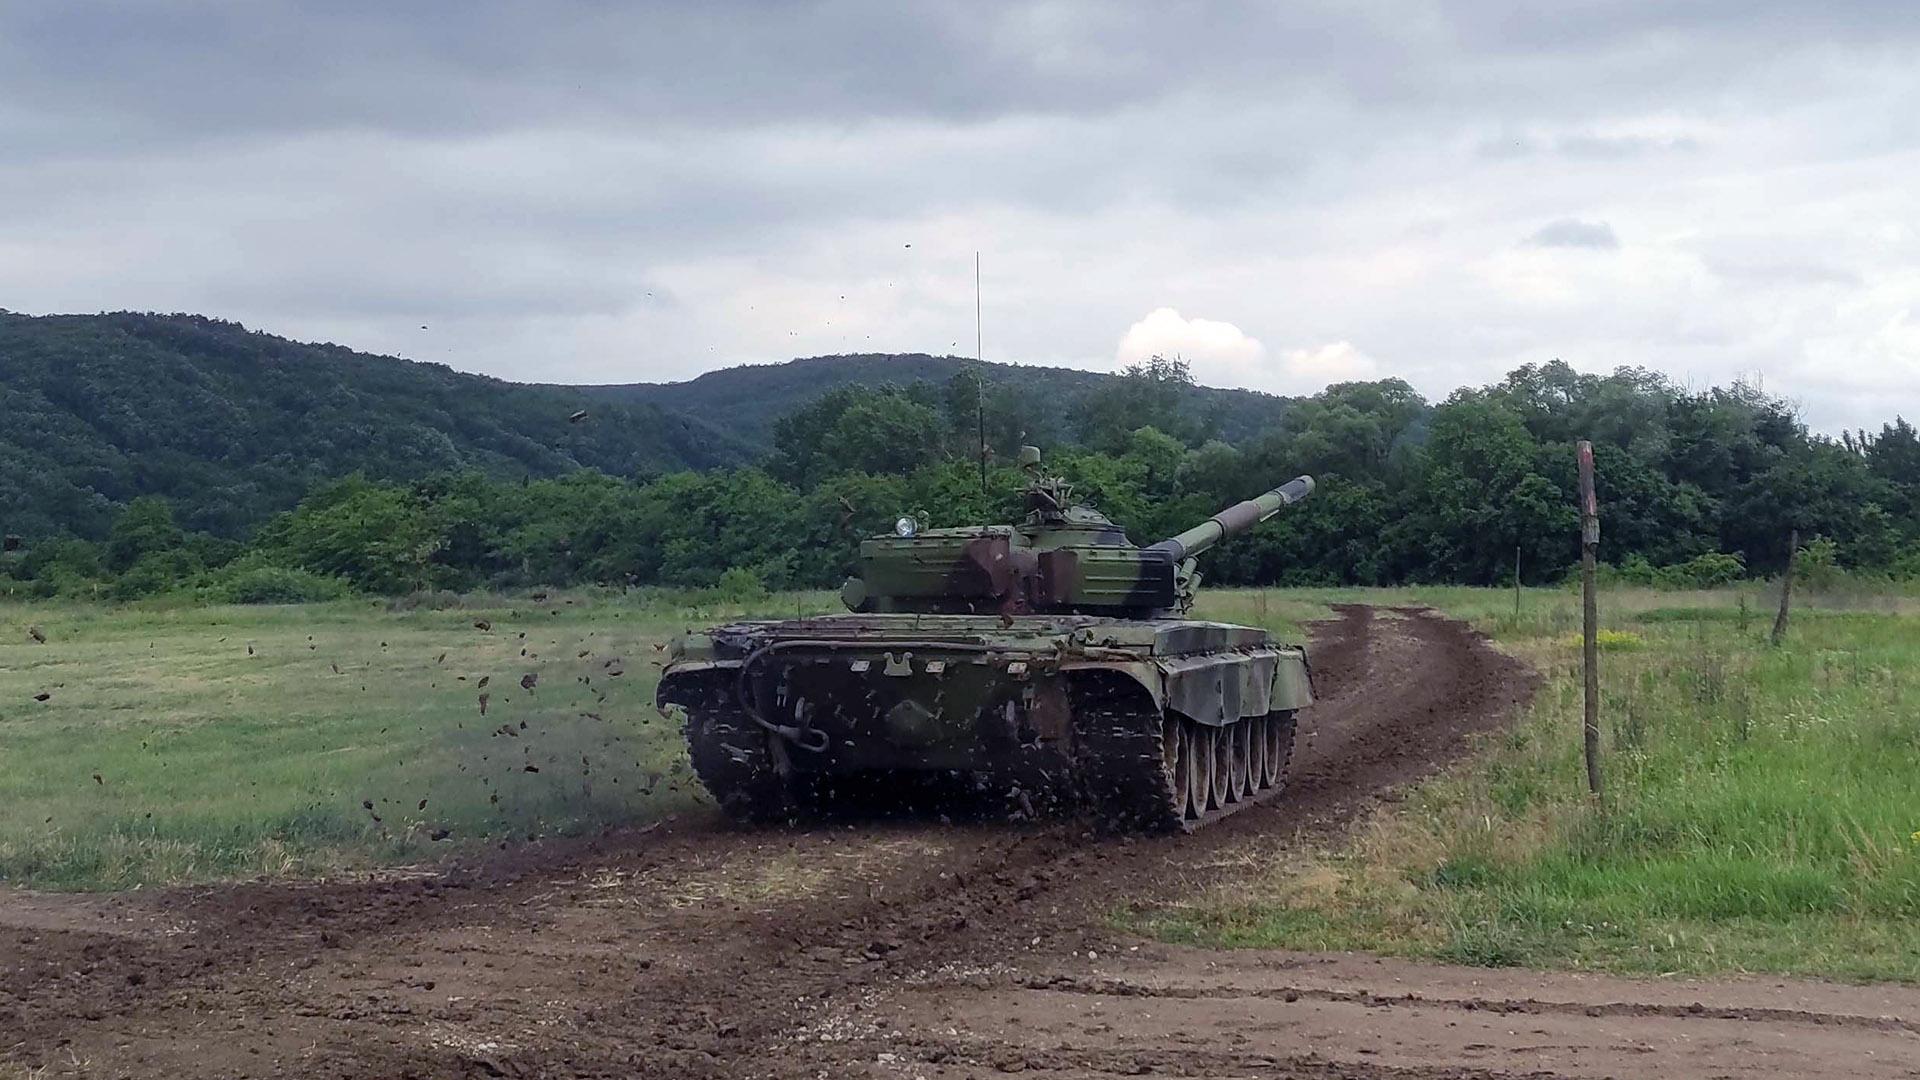 Припреме тенкиста Војске Србије за учешће на Међународним војним играма